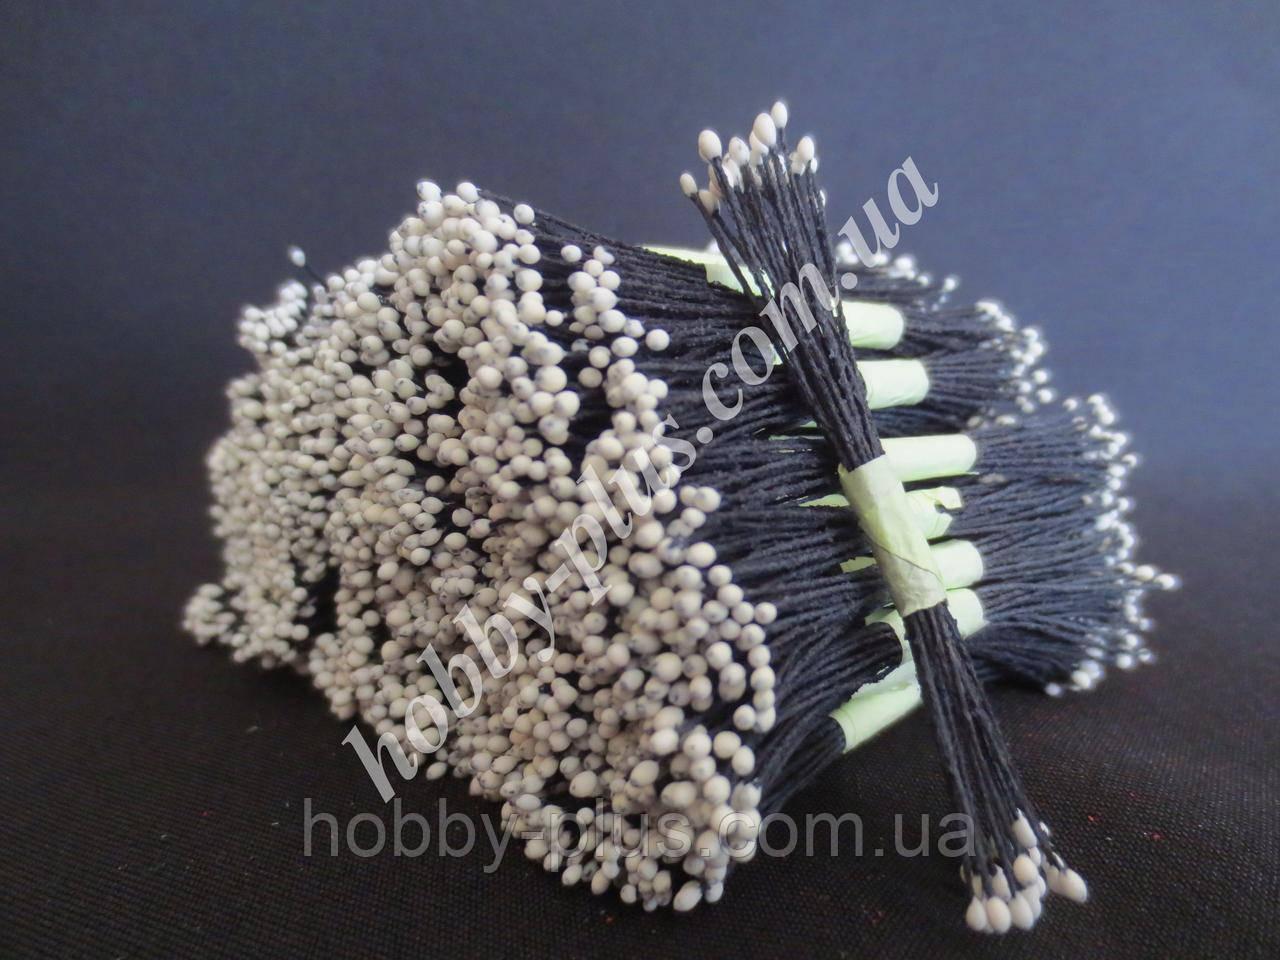 Тайские тычинки, БЕЛЫЕ, мелкие на черной нити, 23-25 нитей, 50 головок